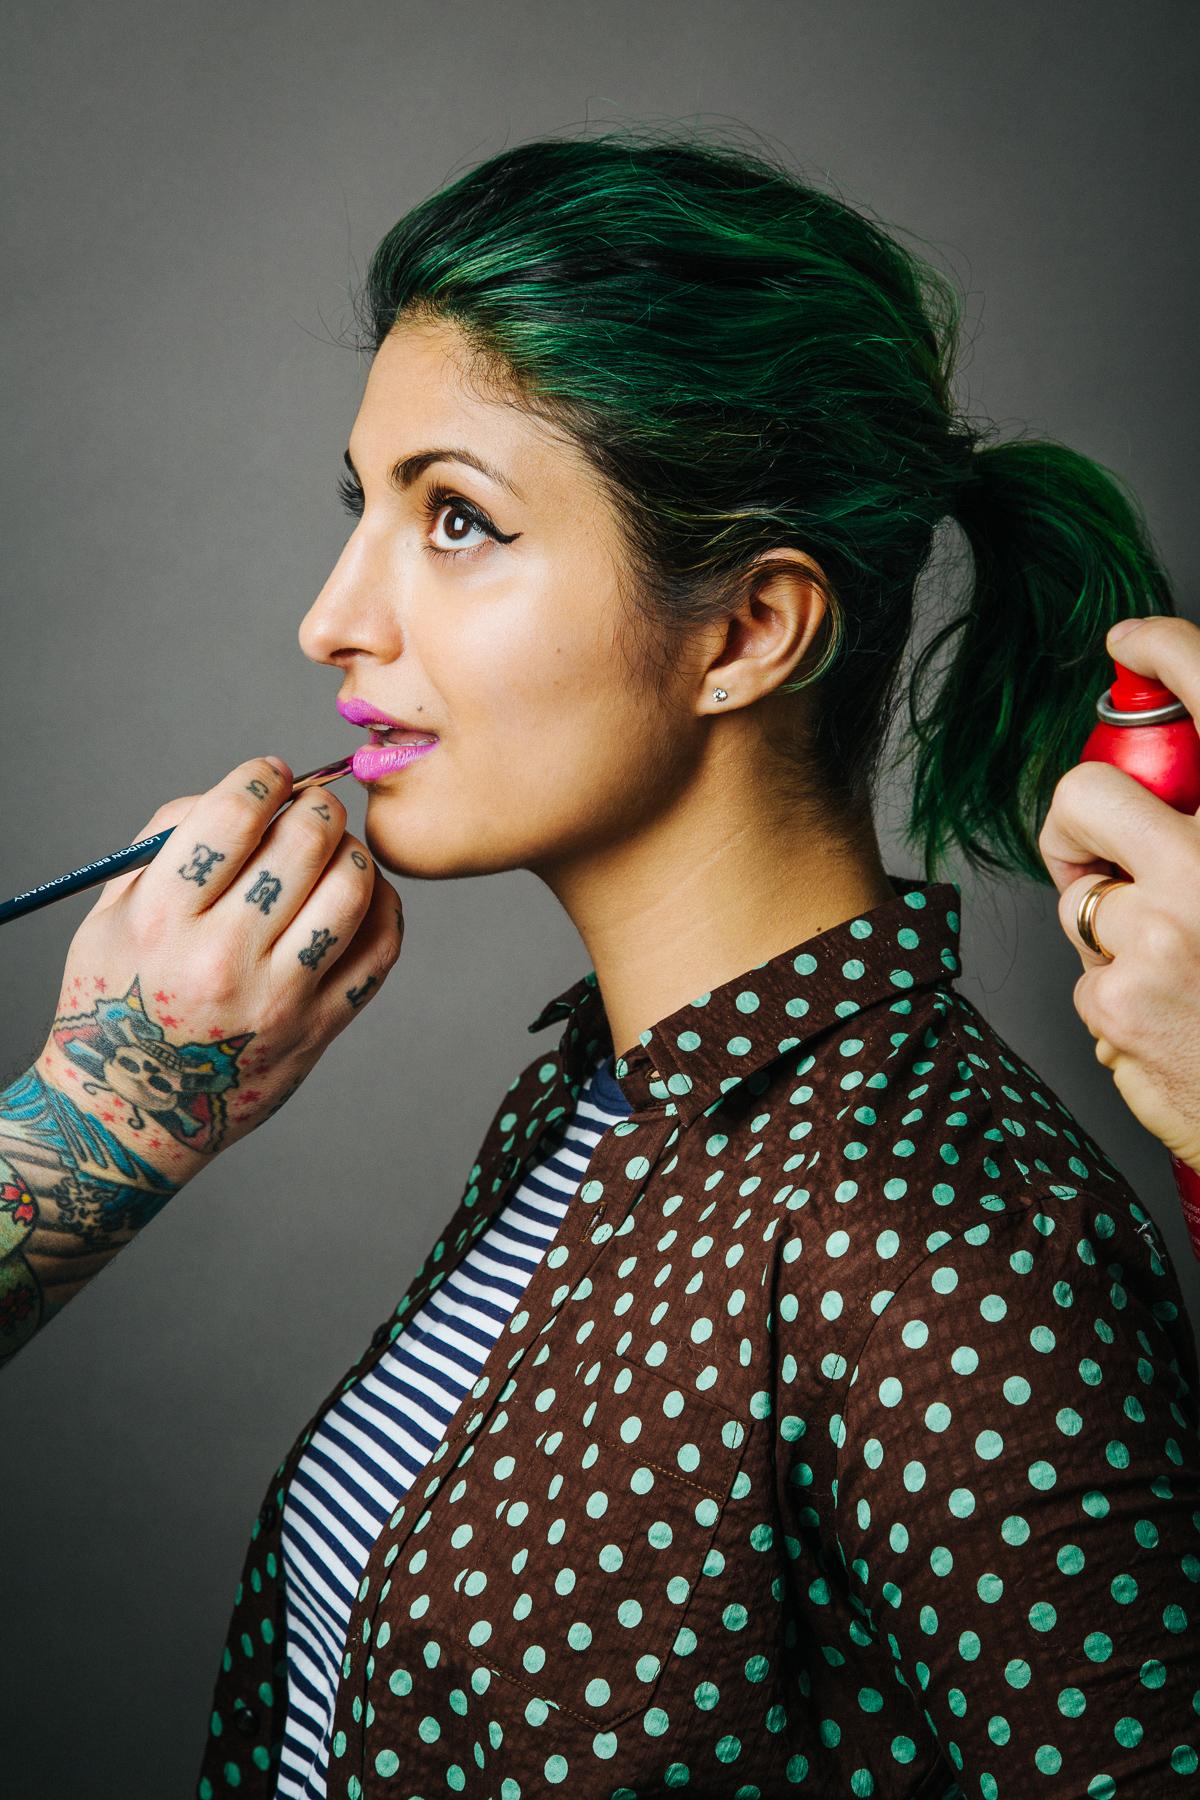 Punk Beauty for NYLON